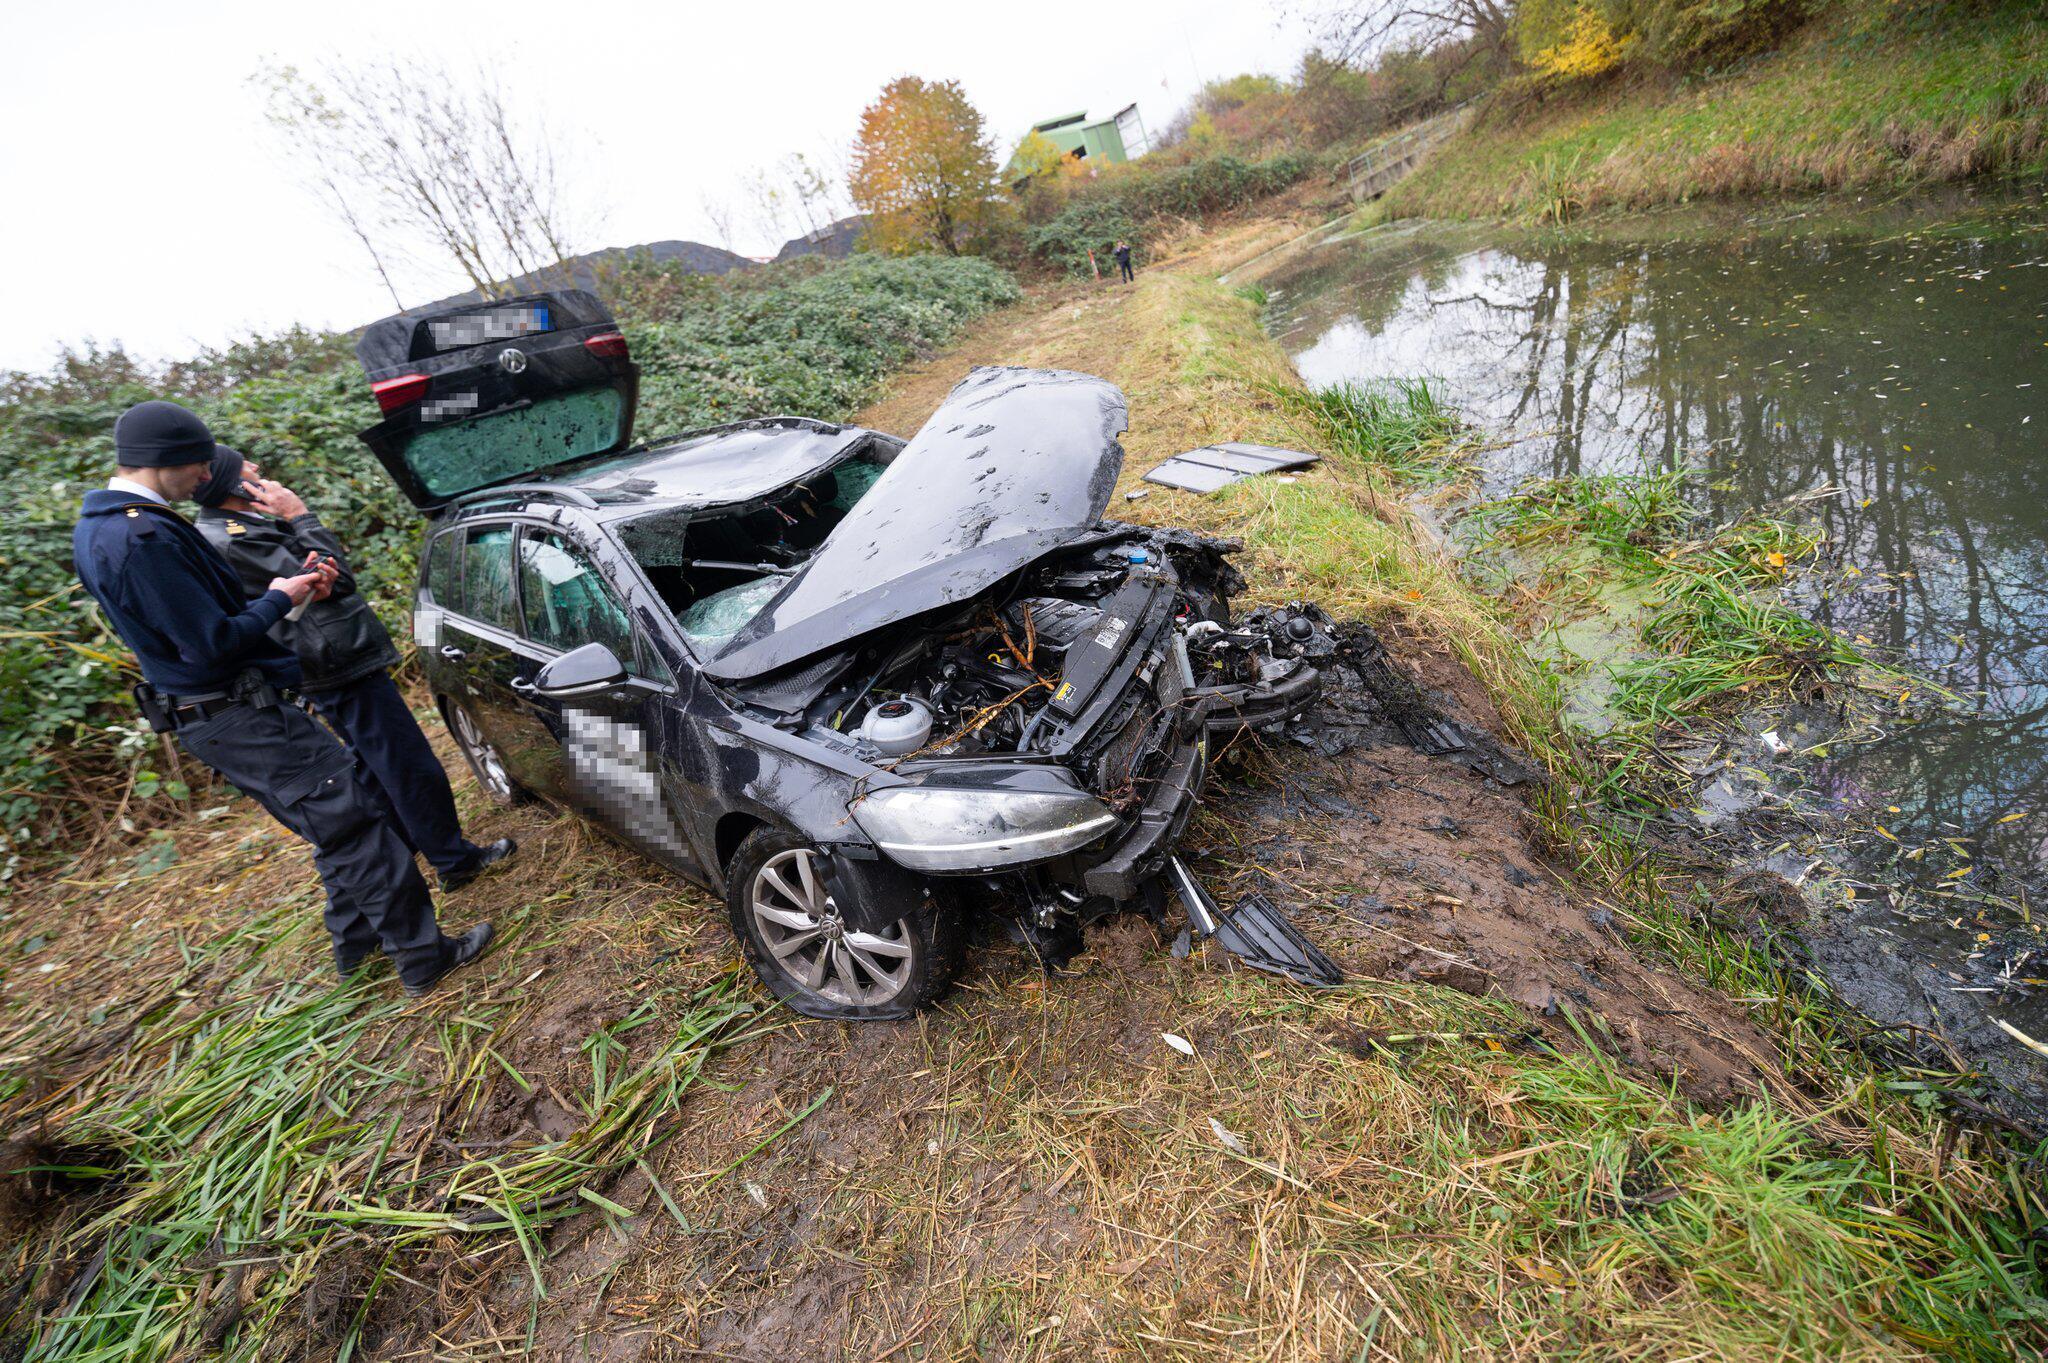 Bild zu Fahrzeug stürzt in Regenrückhaltebecken in Hamburg - zwei Tote